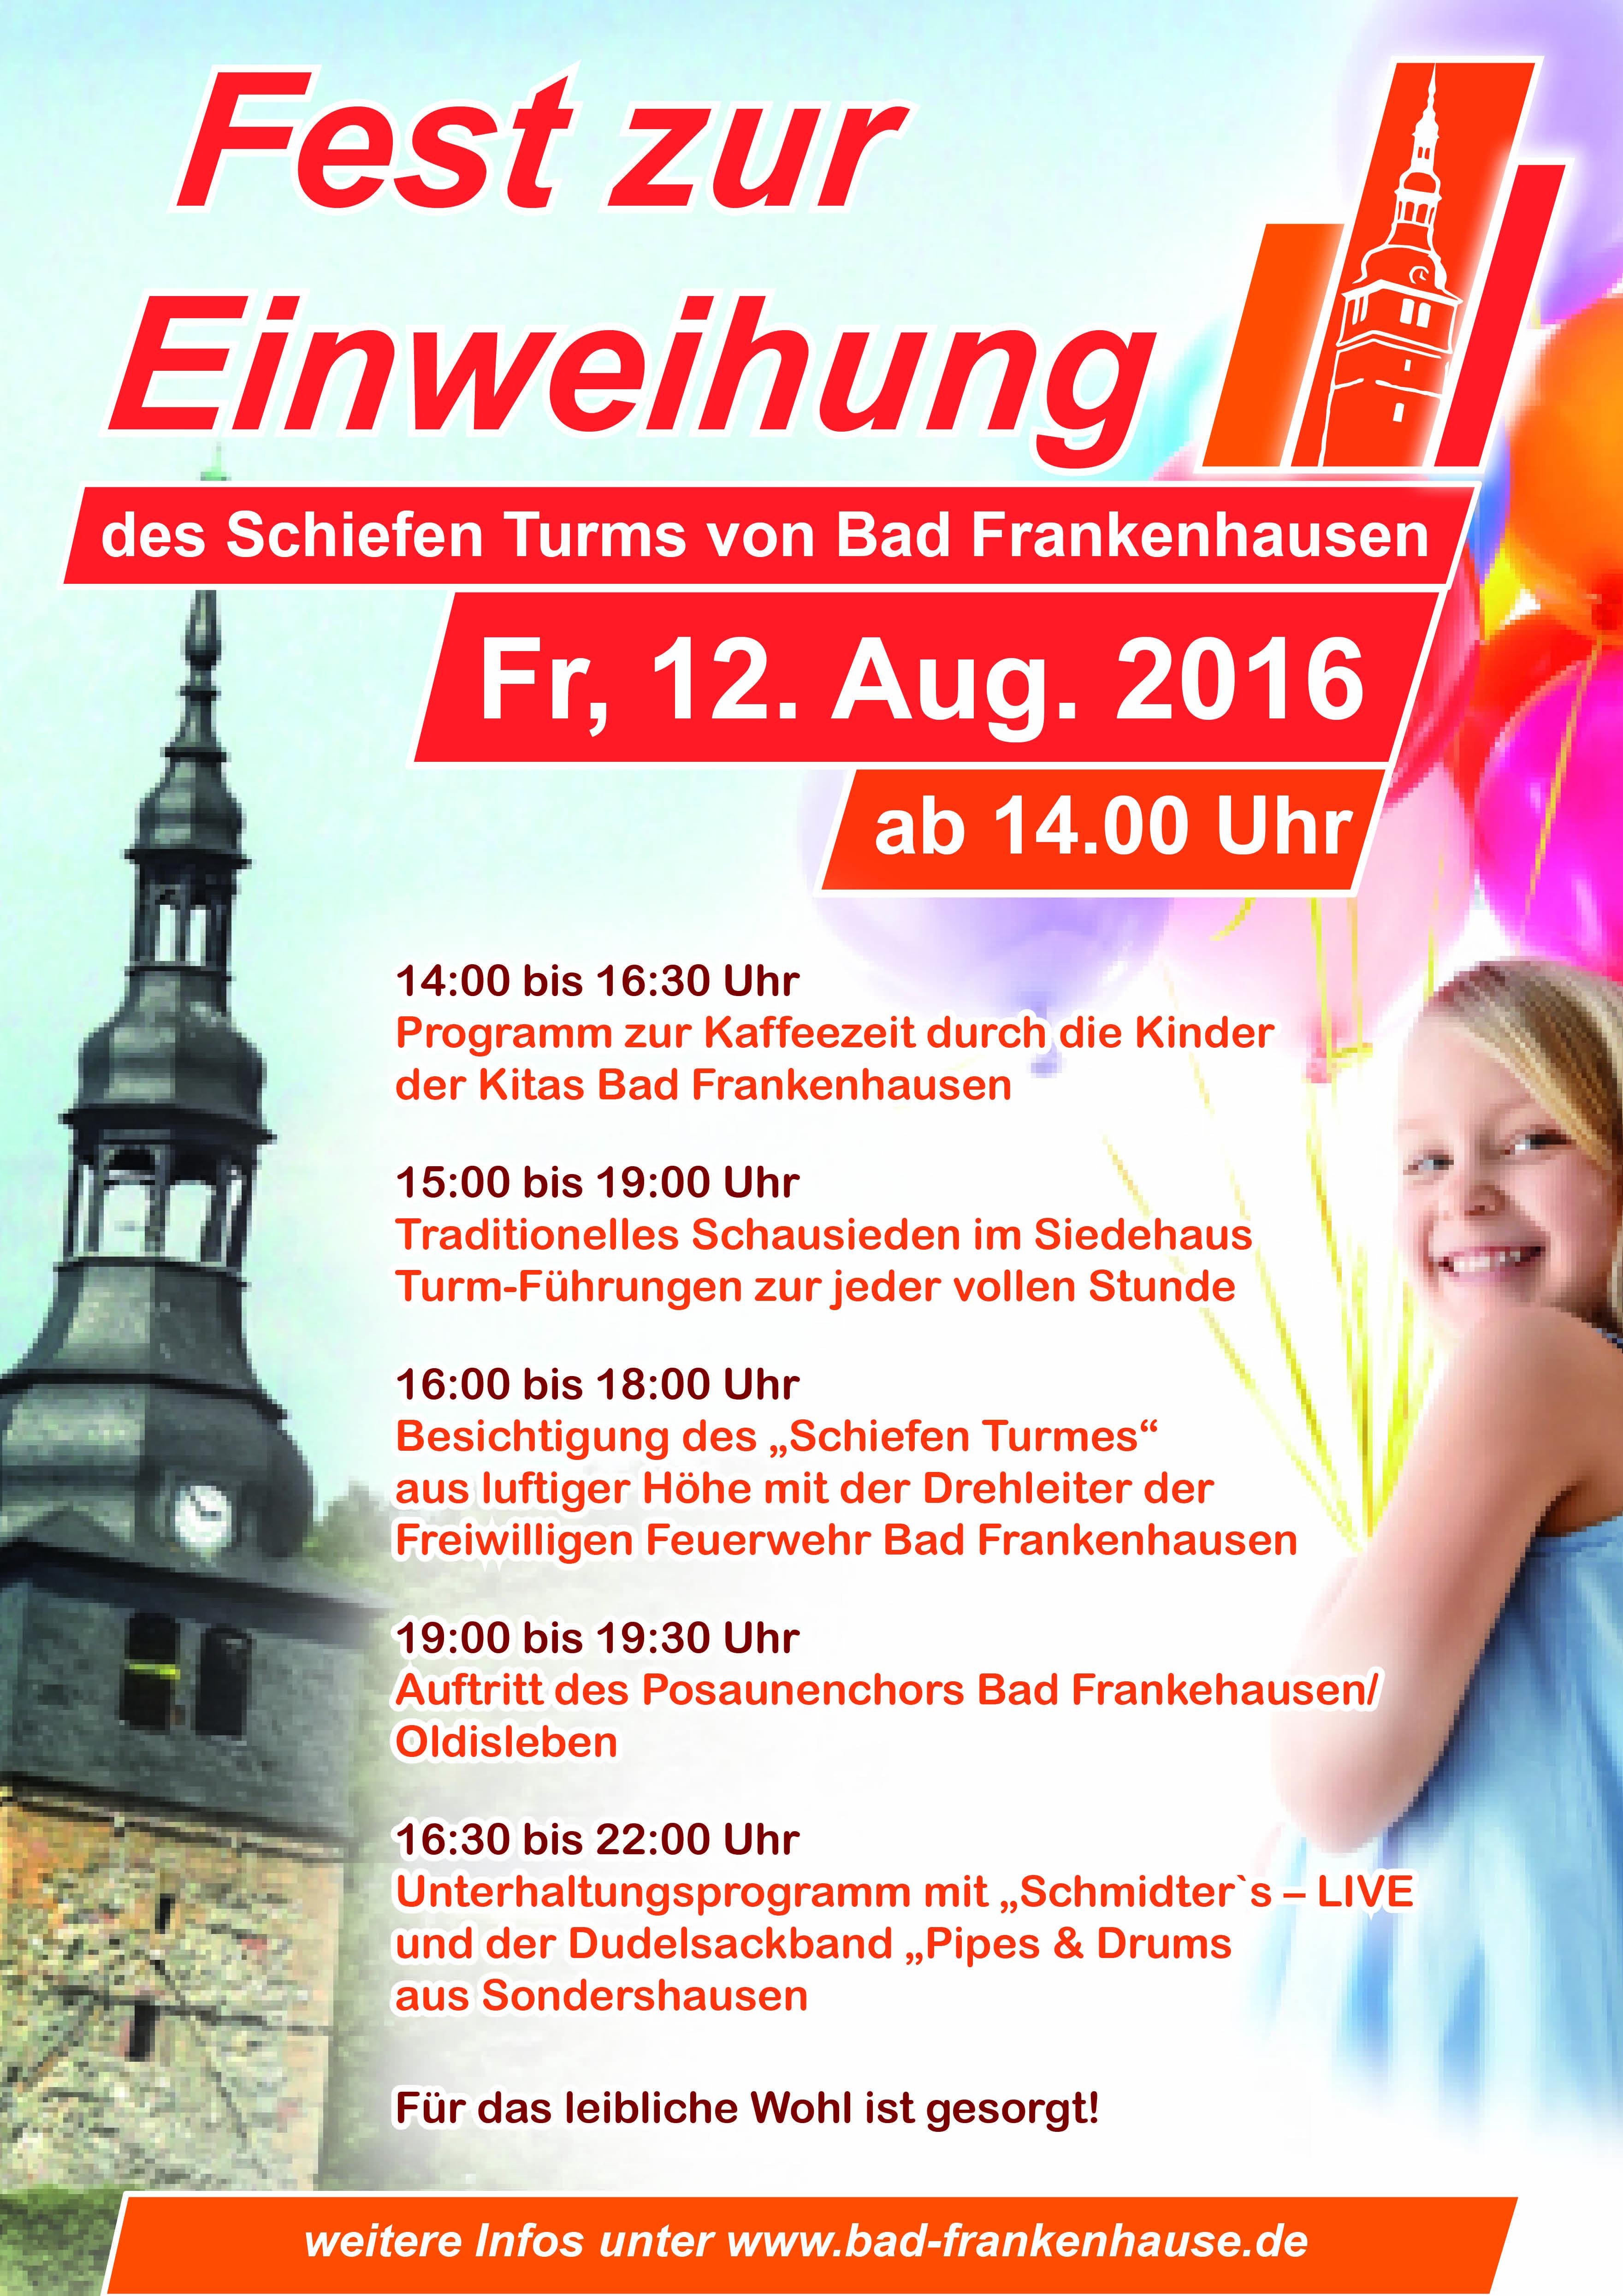 Fest zur Einweihung des Schiefen Turms von Bad Frankenhausen